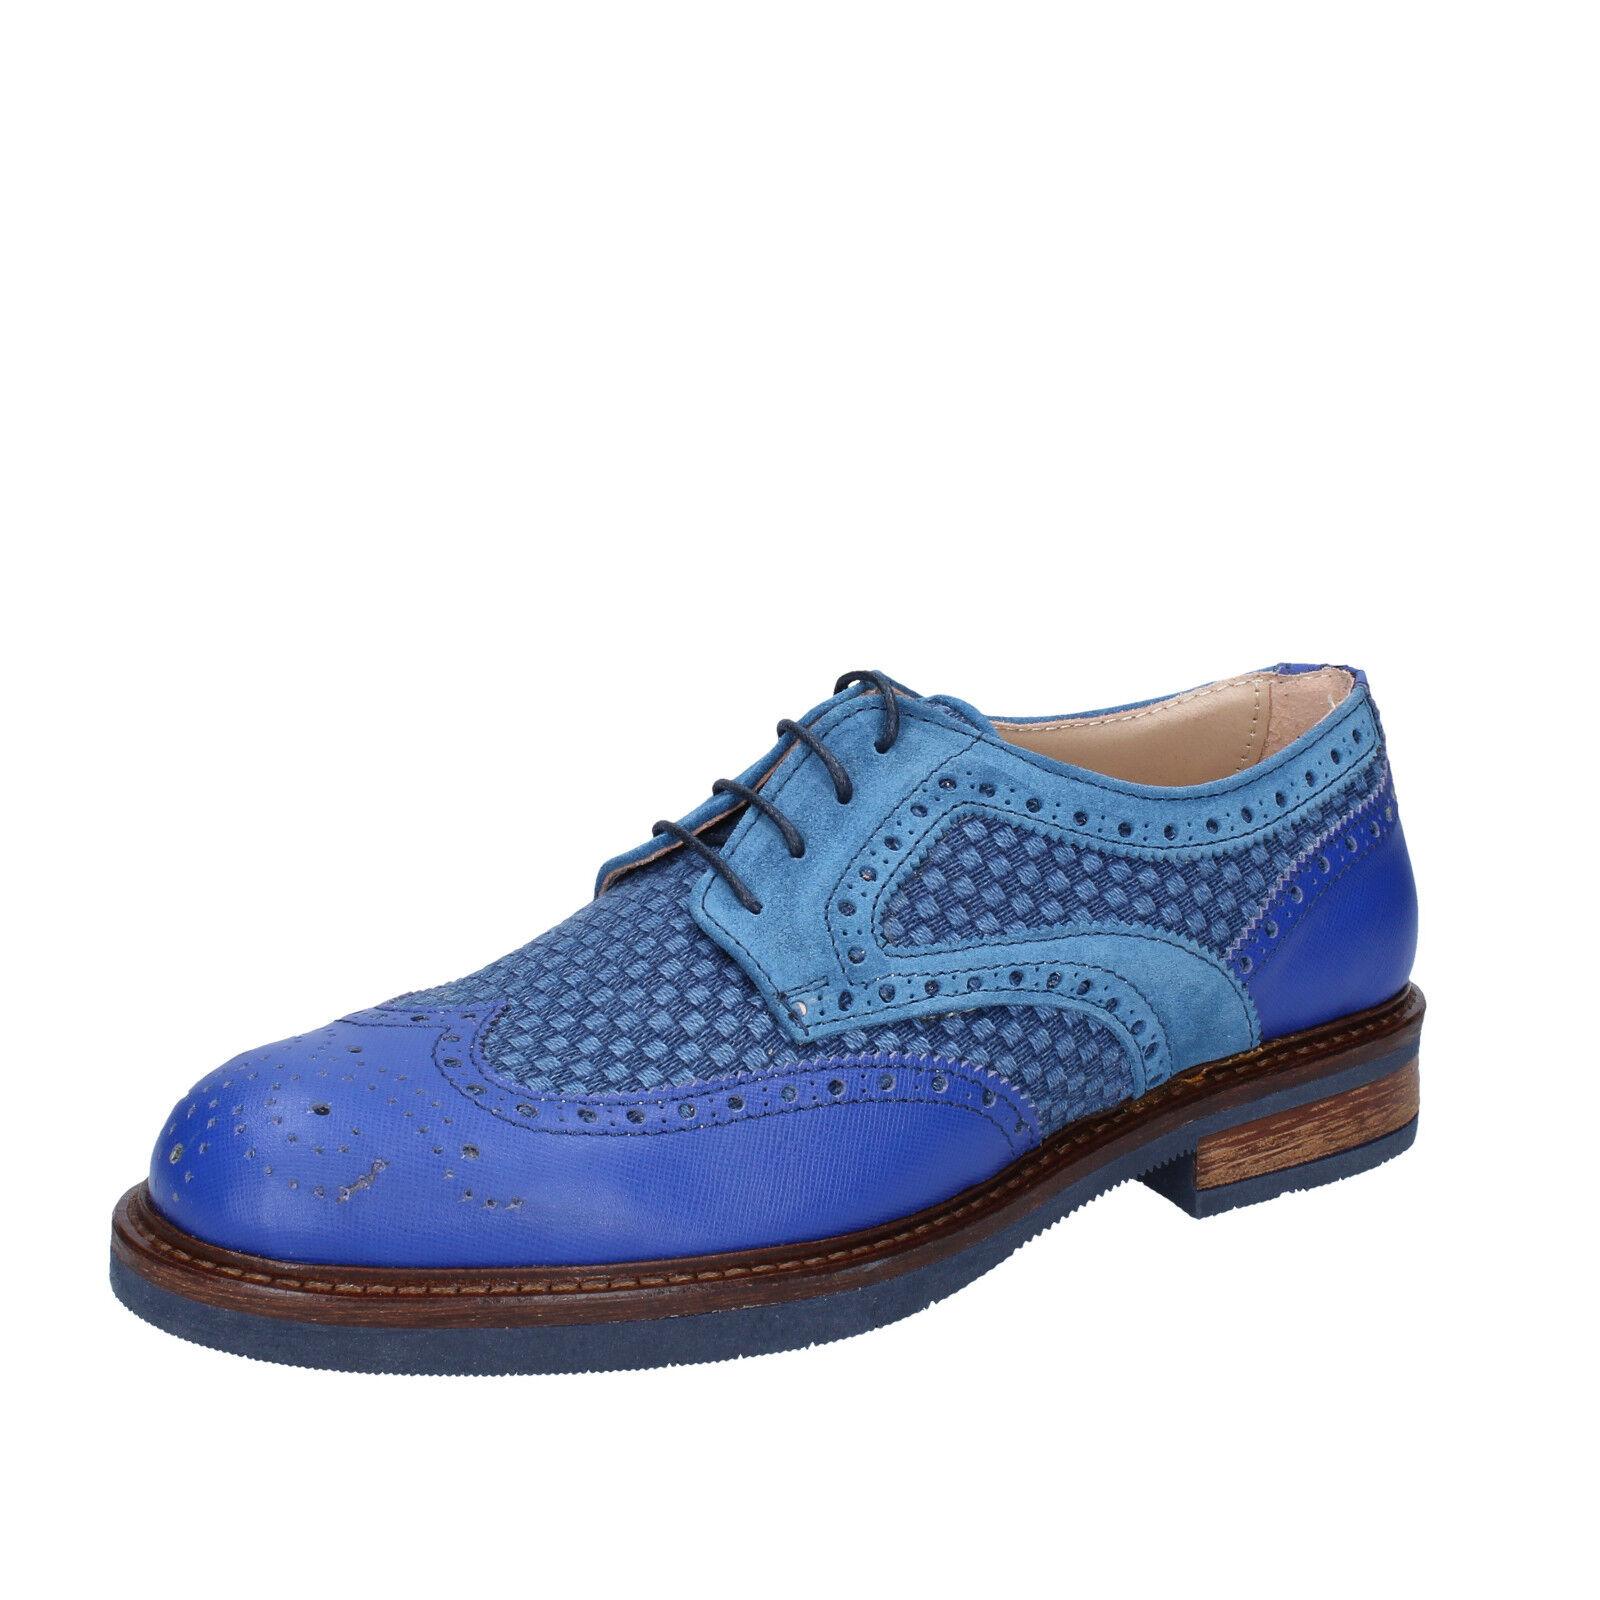 men's shoes FDF SHOES 7 () elegant blue leather suede BZ345-B